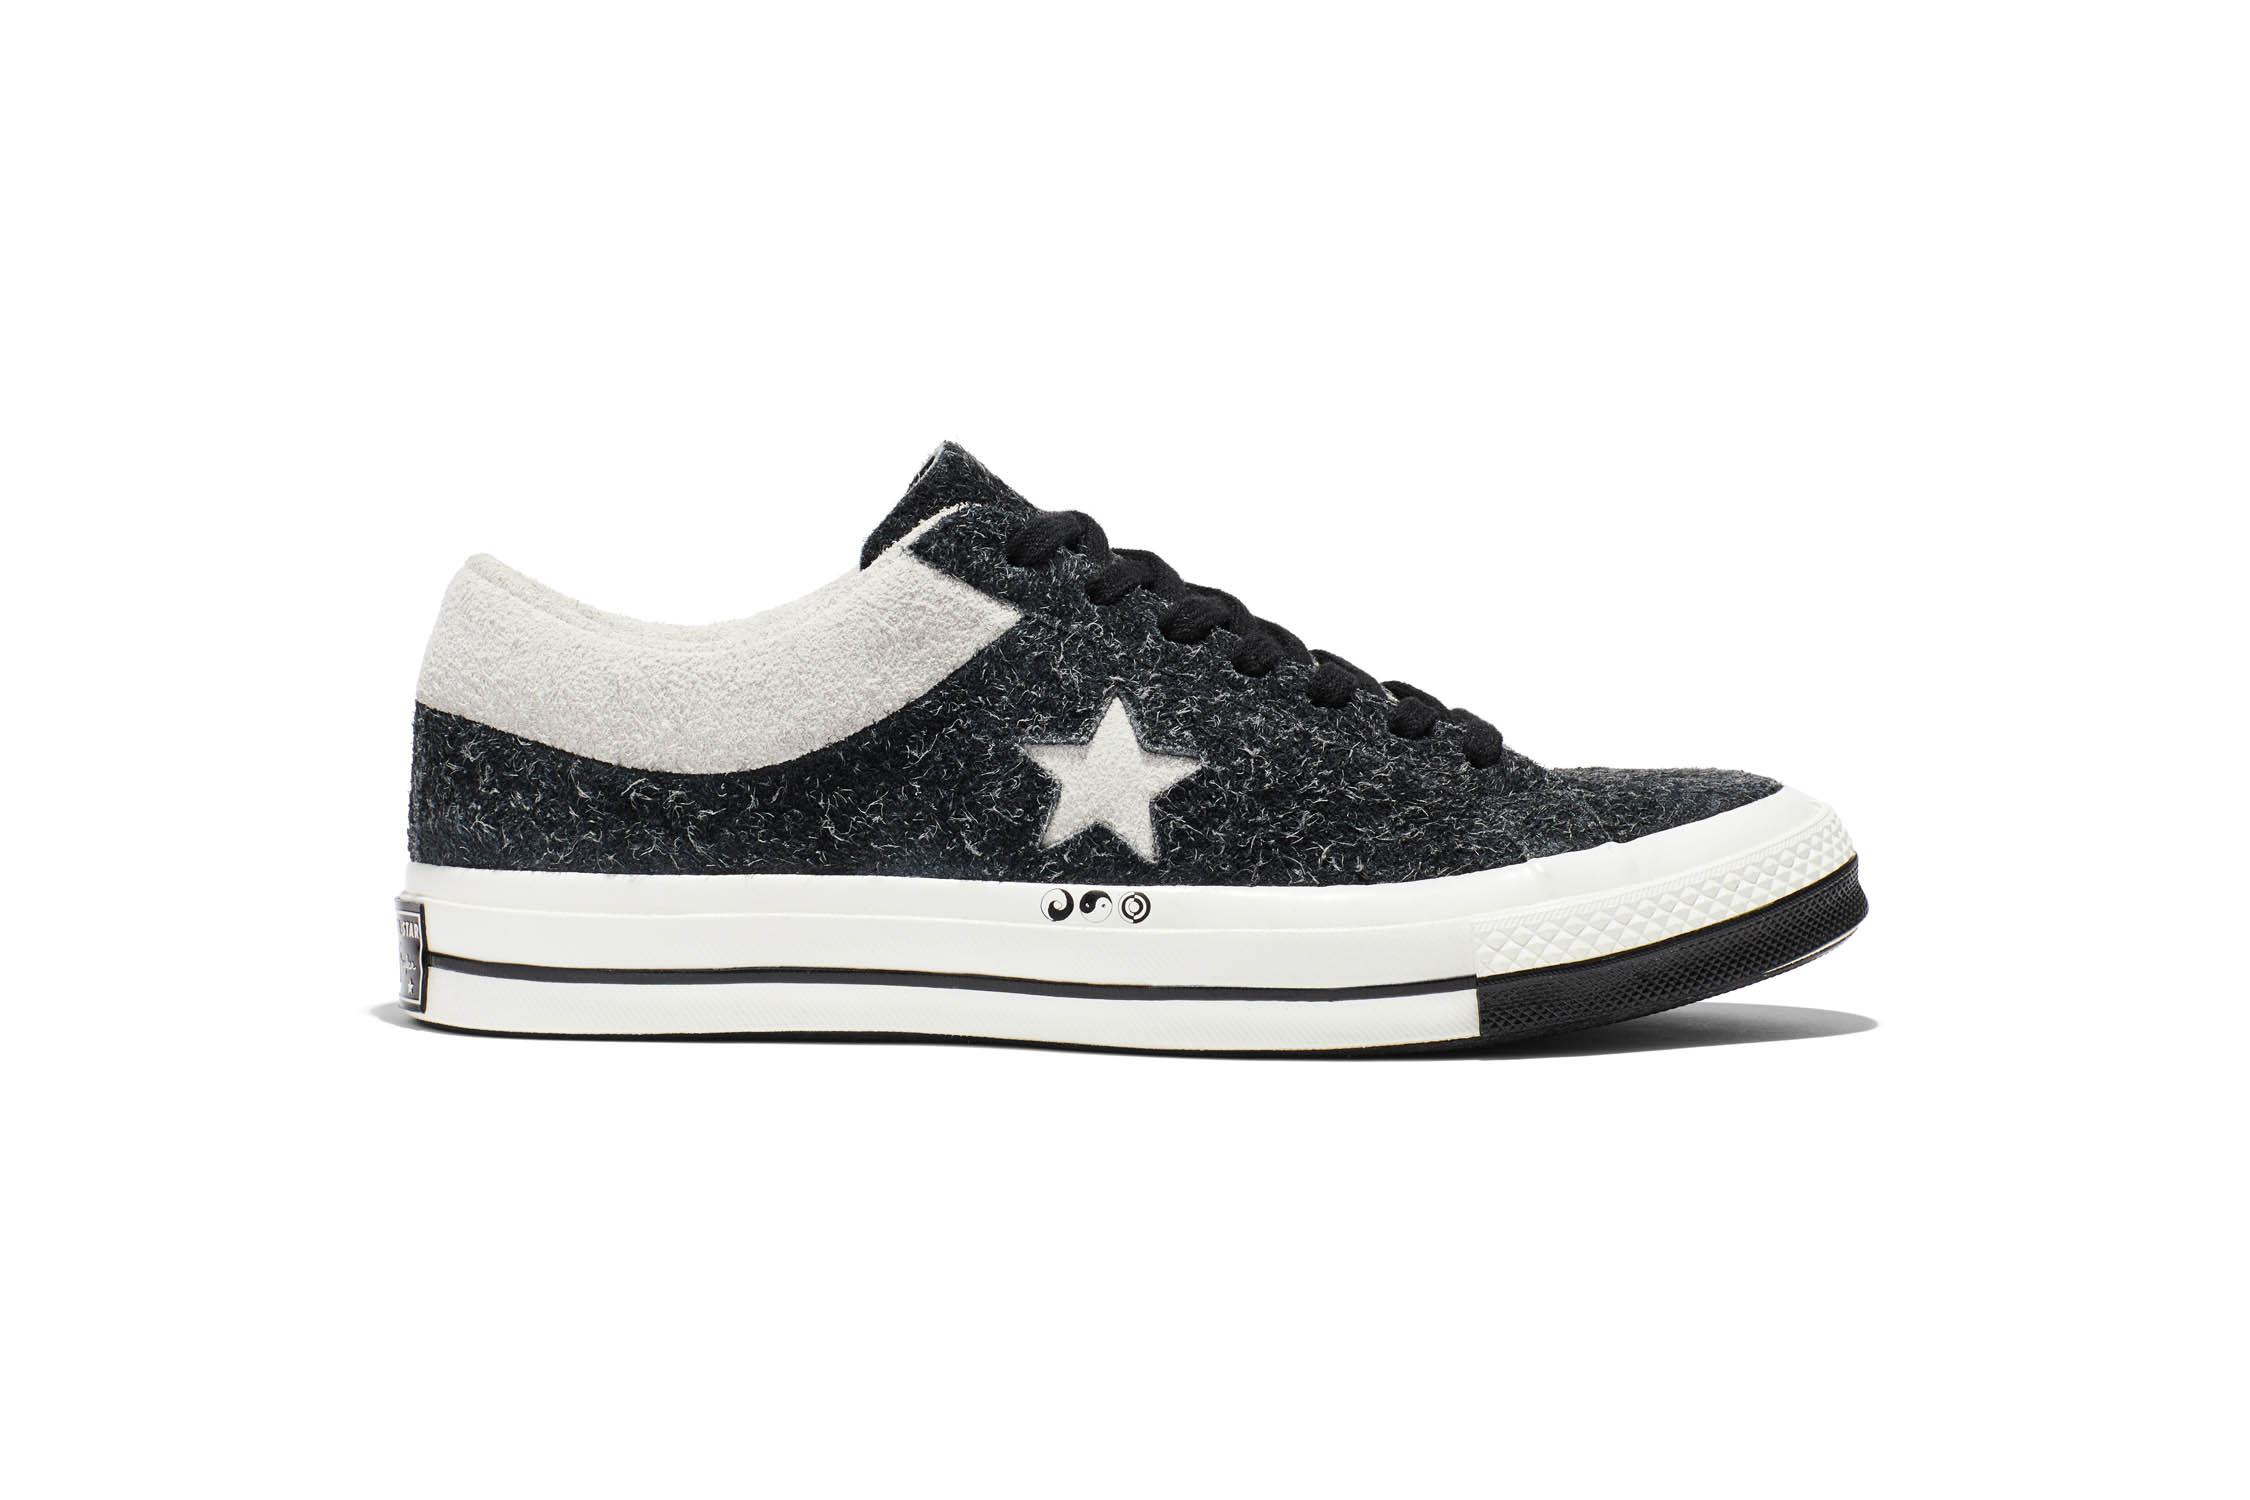 2081ec7fda30 Spana in Converse x CLOT One Star 74